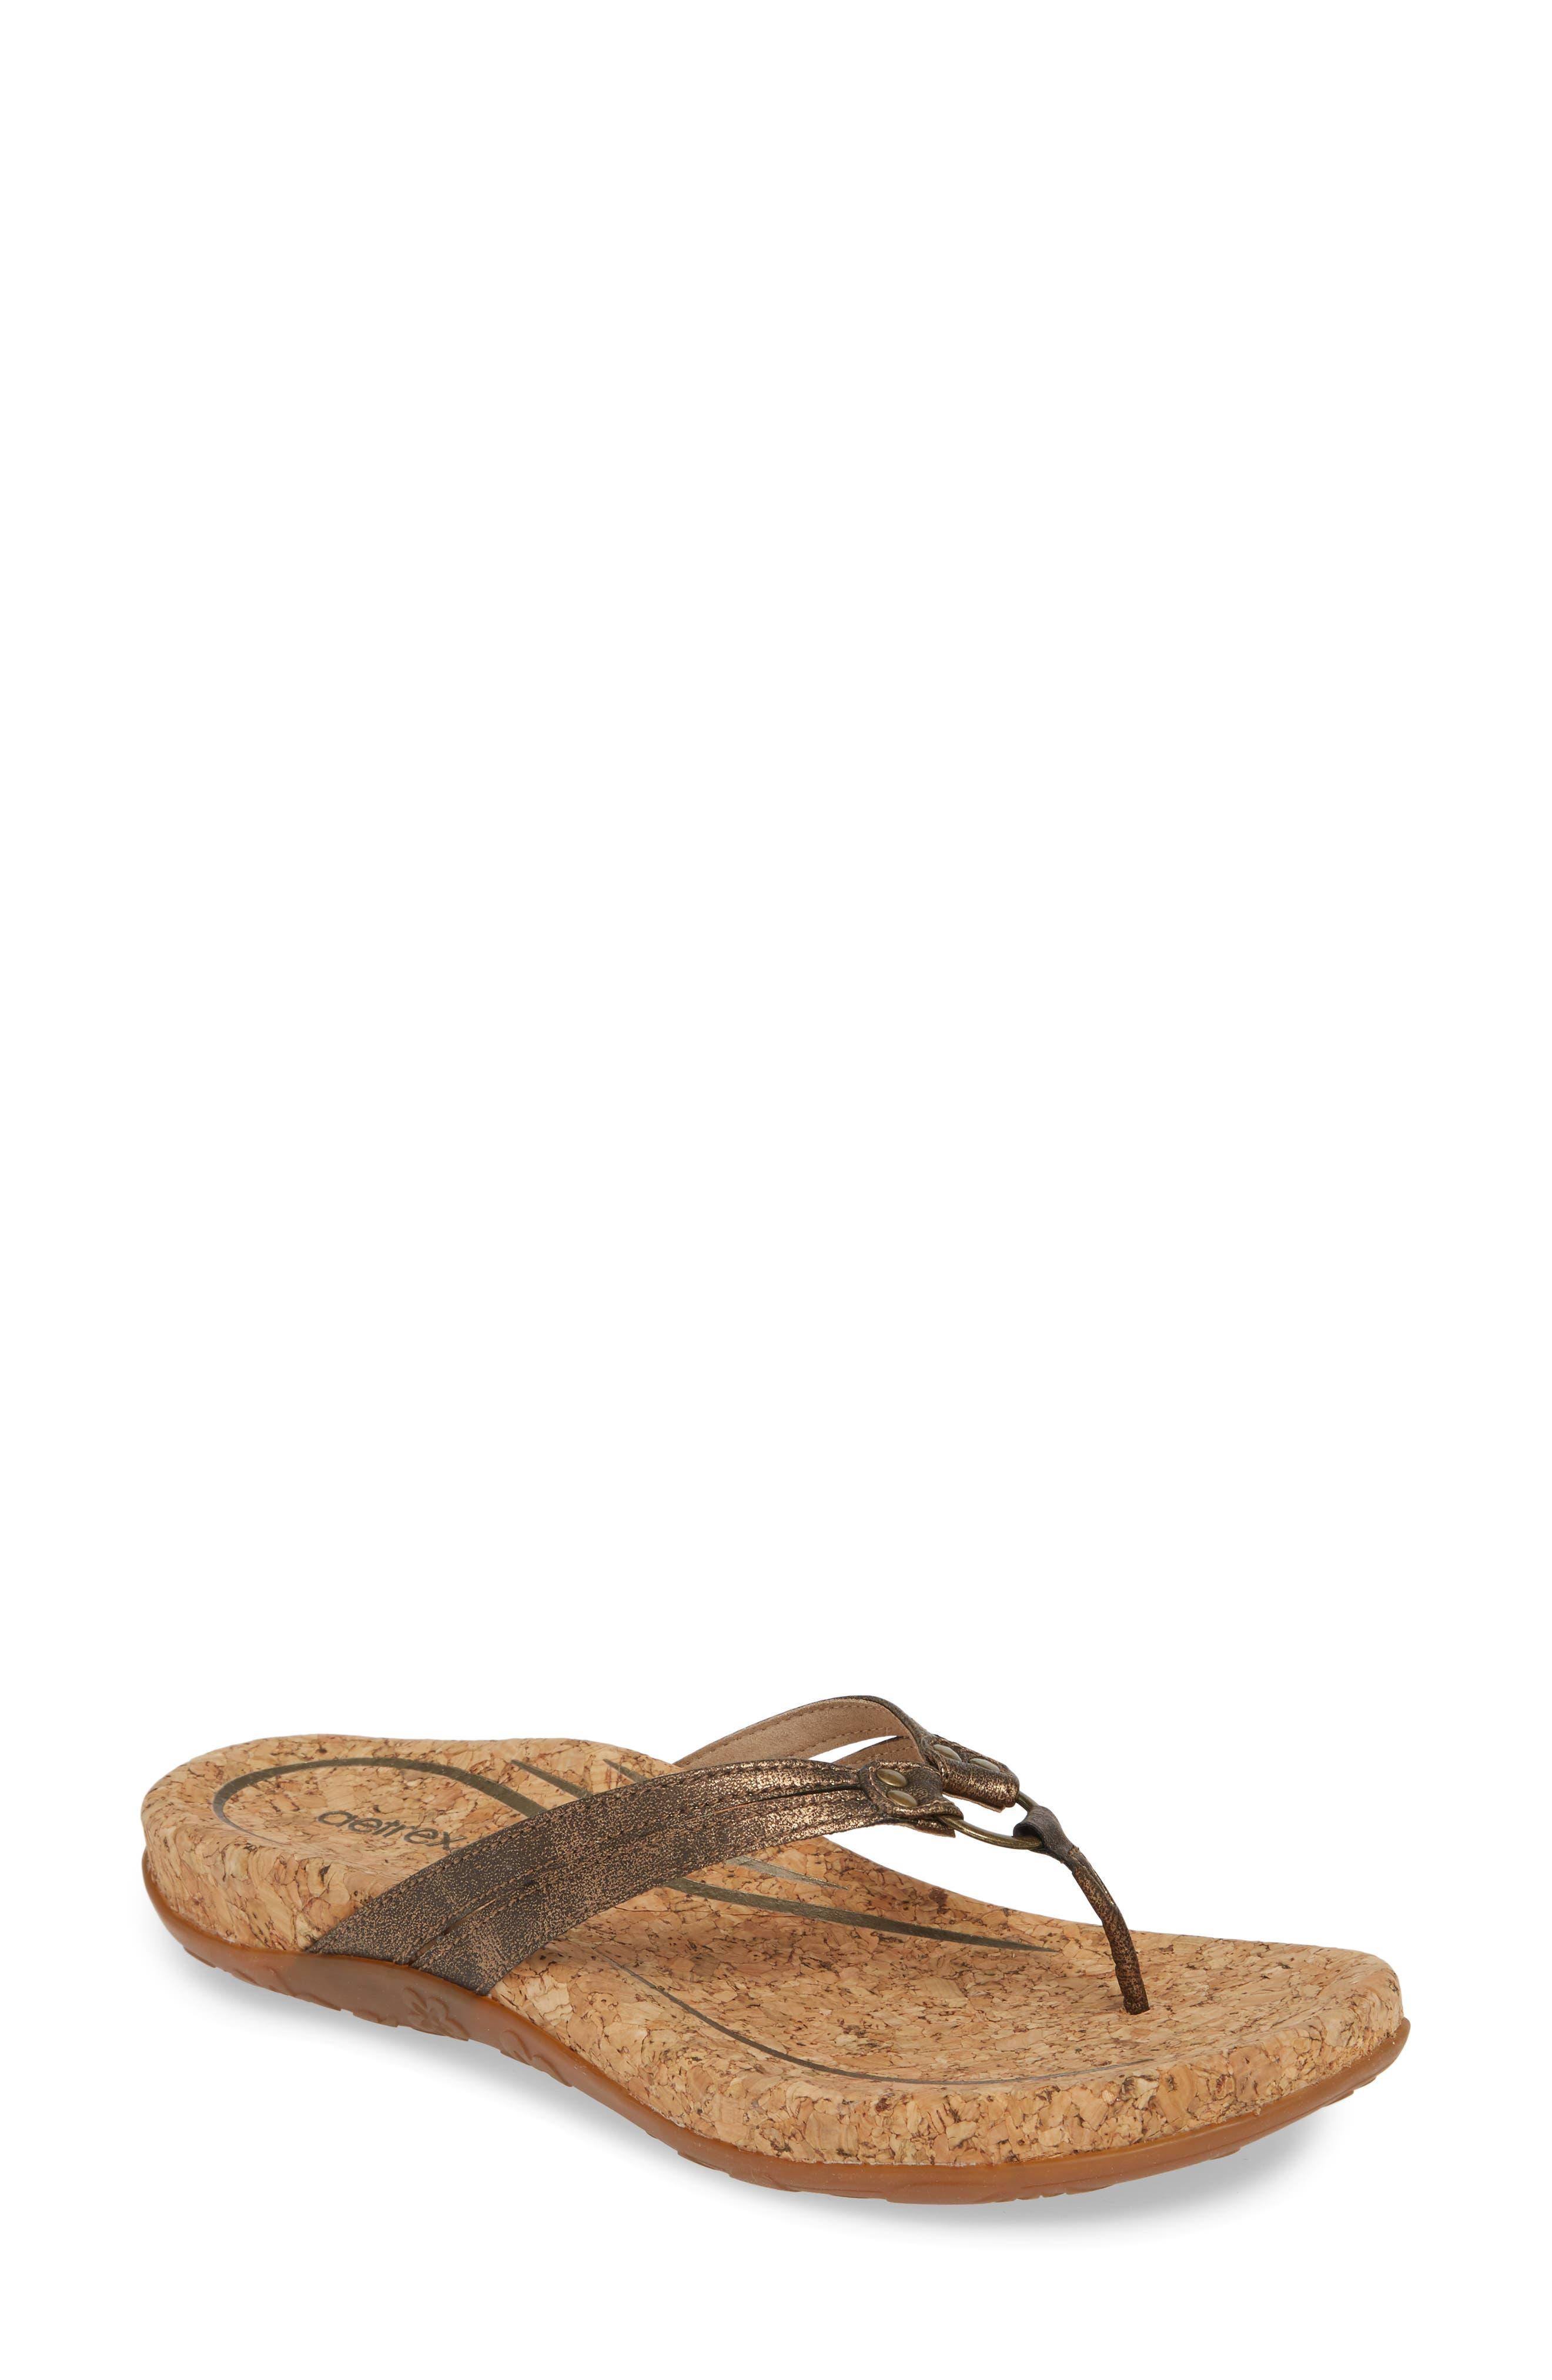 Aetrex Taylor Flip Flop, Brown